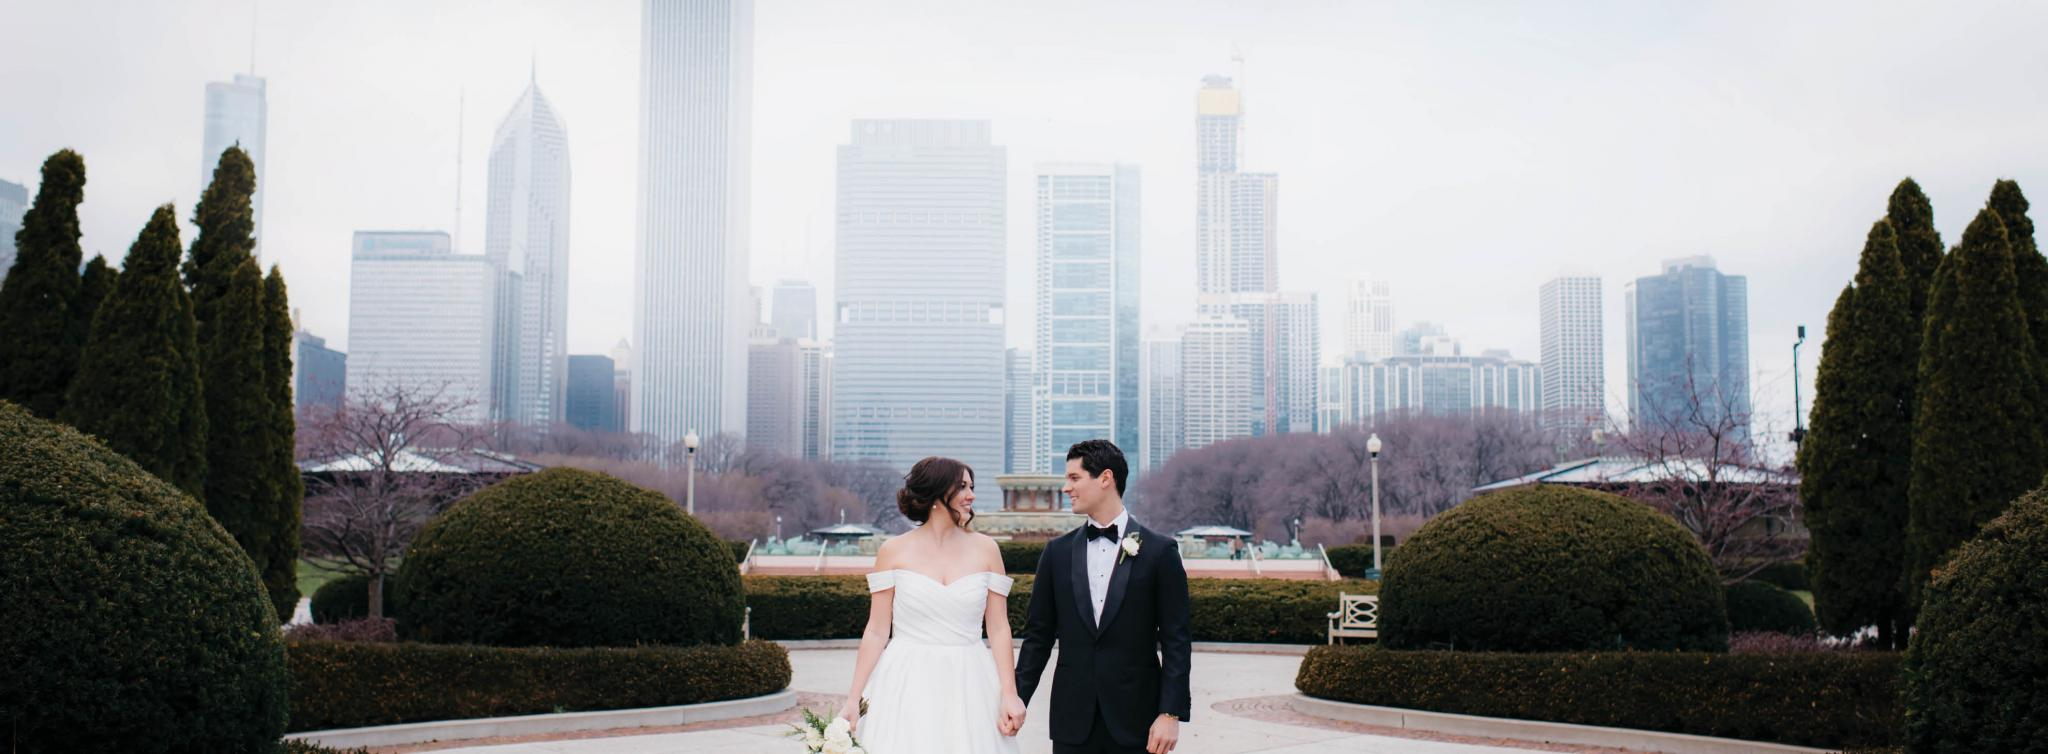 Find your wedding venue | celebration location | wedding reception venue